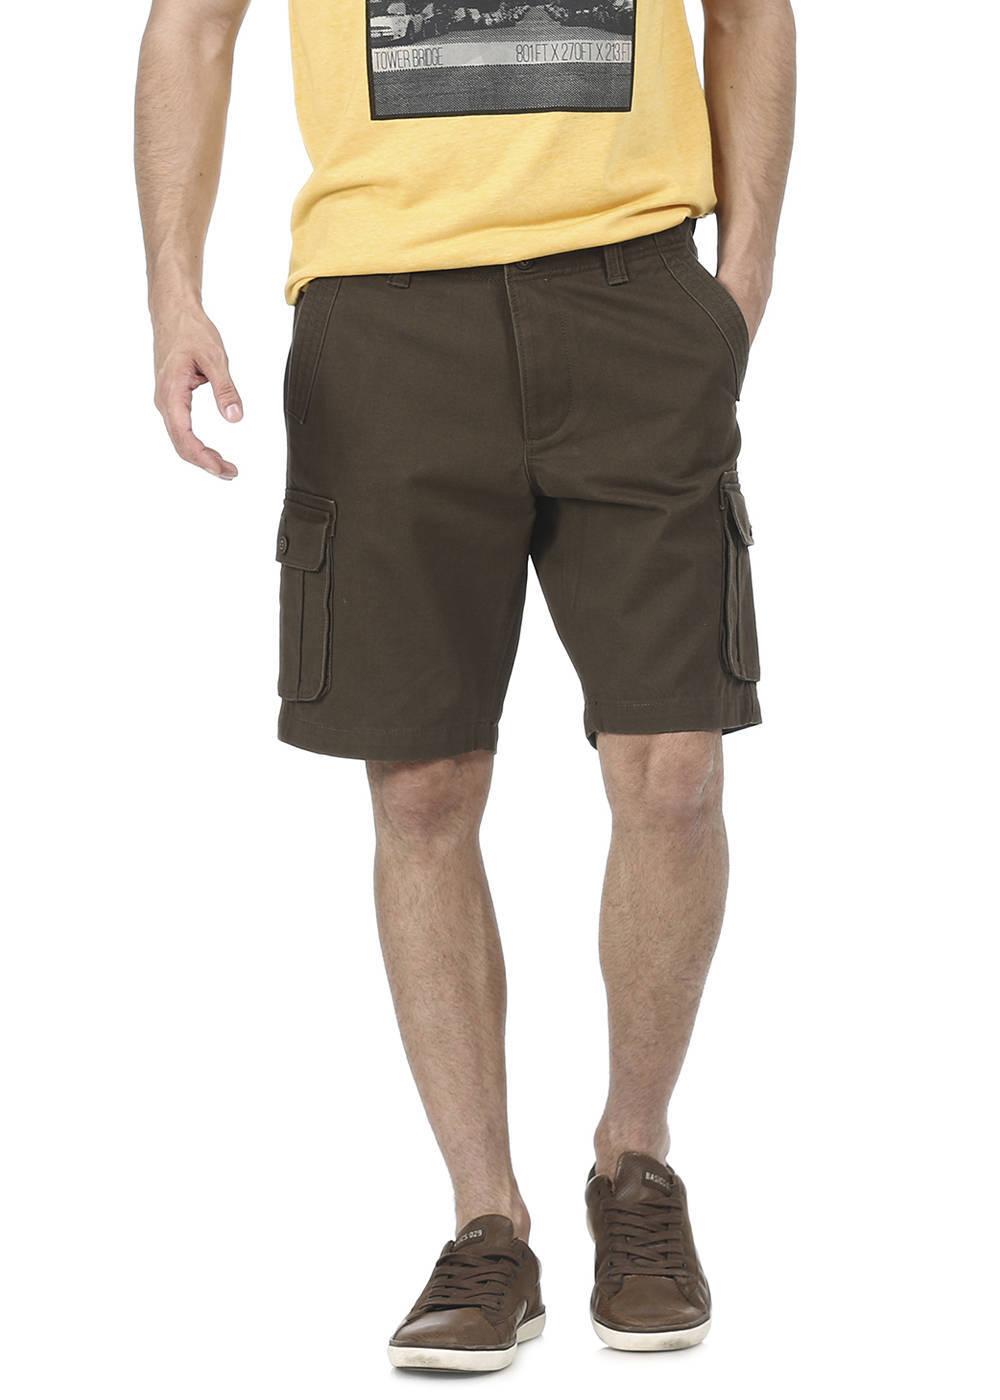 Basics   Basics Comfort Fit Military Olive 6 Pocket Cargo Shorts